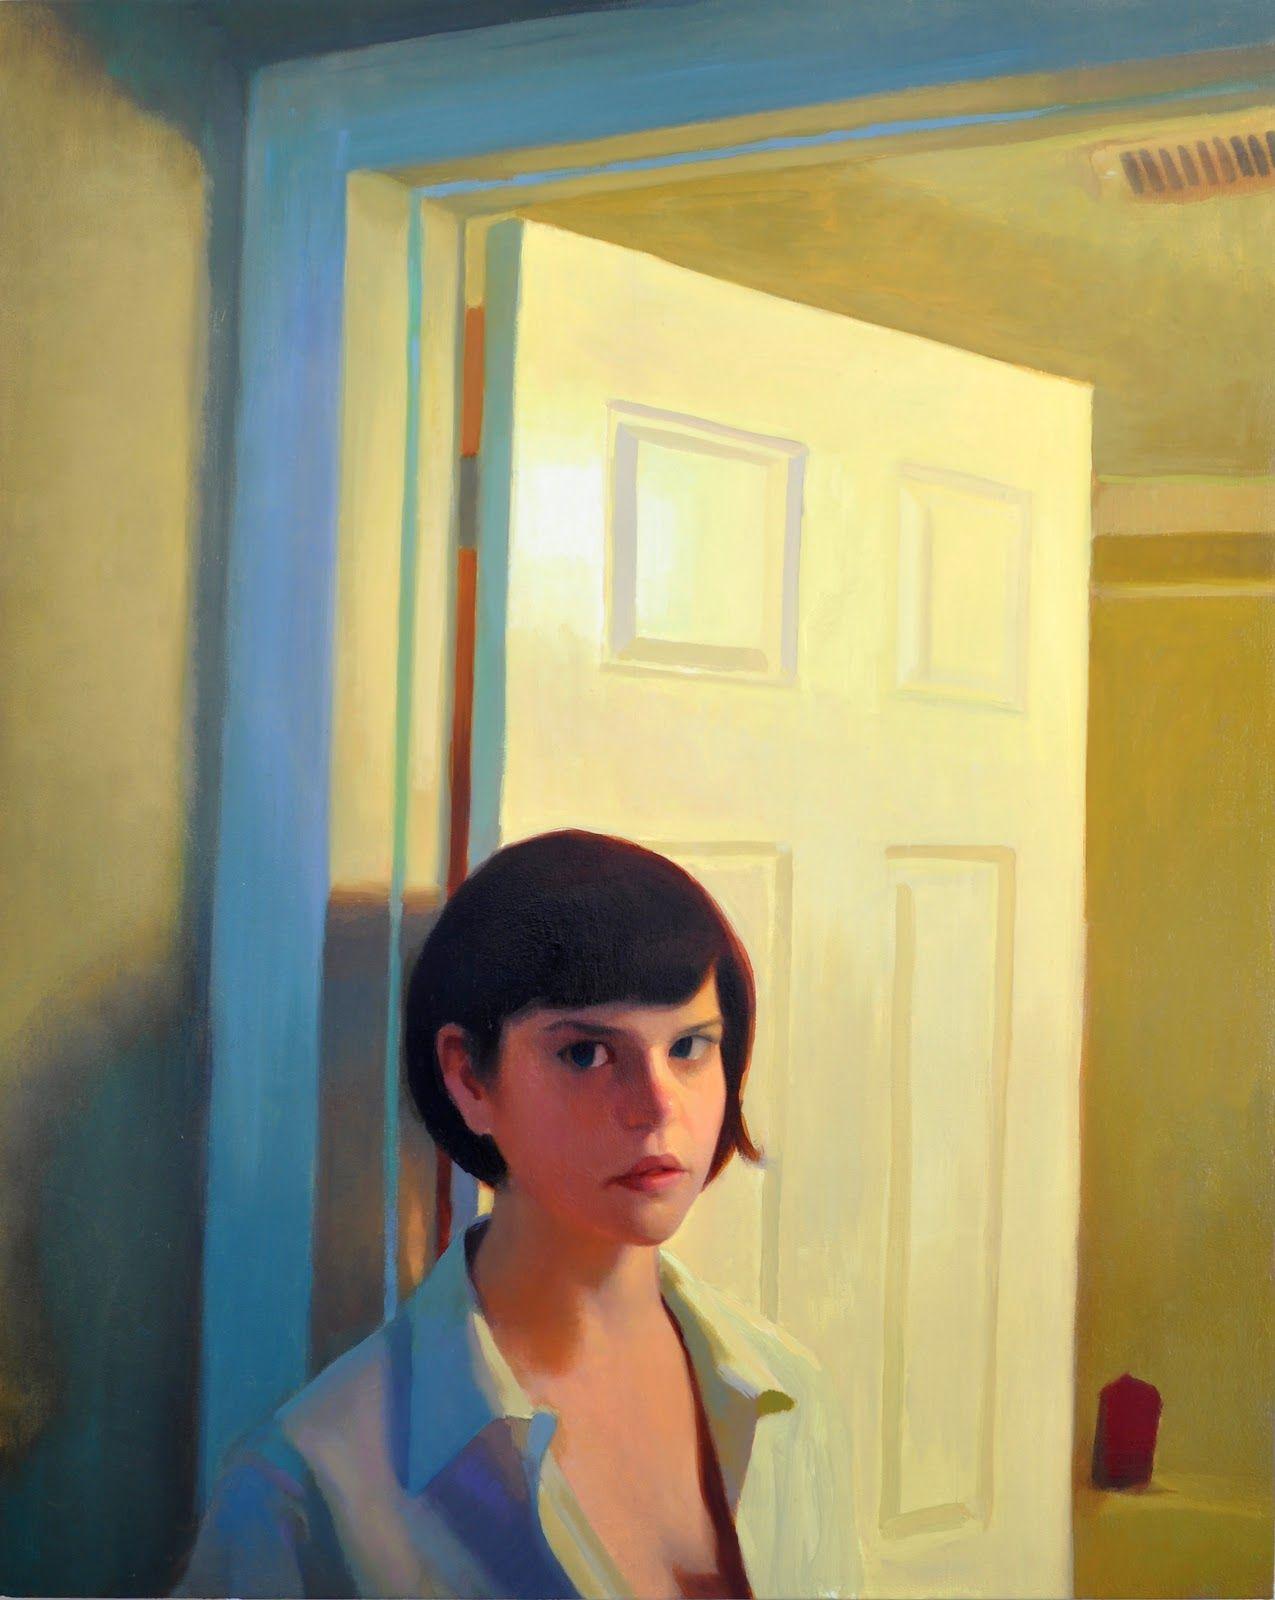 Keita morimoto buscar con google pintura pinterest search